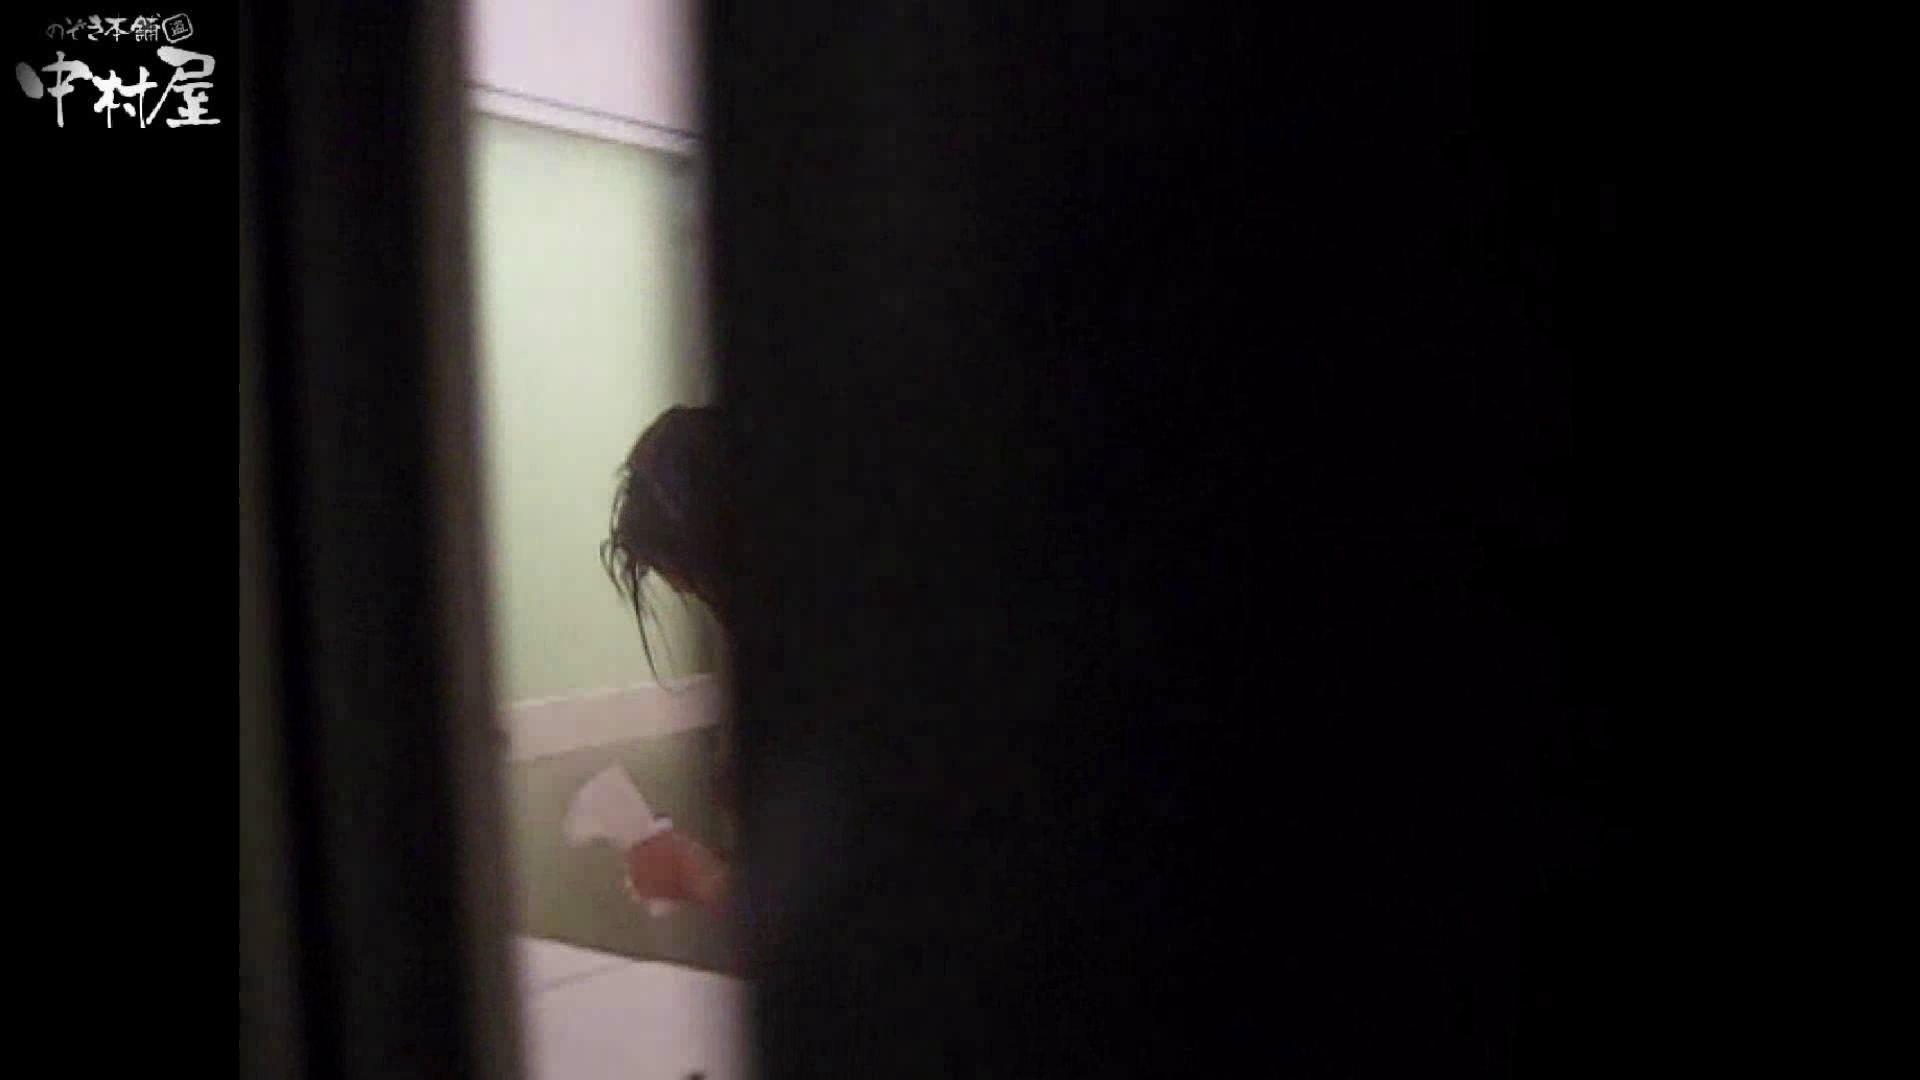 民家風呂専門盗撮師の超危険映像 vol.015 エロい美少女 オマンコ動画キャプチャ 99PIX 24